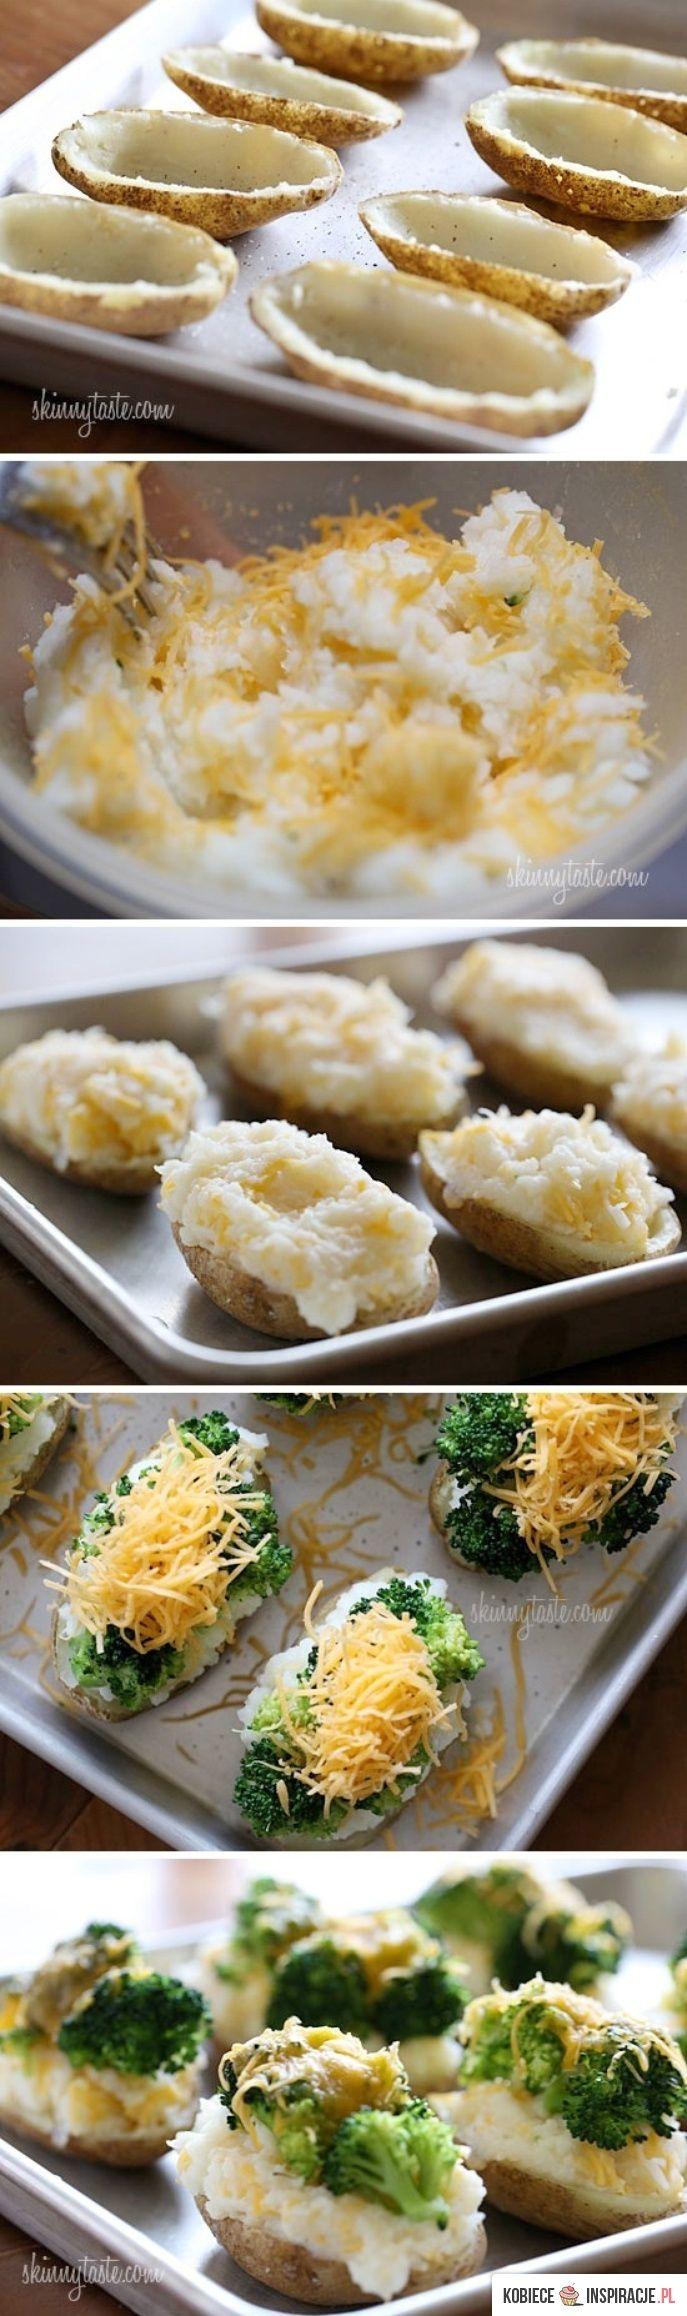 ziemniaczki nadziewane z brokułami i serem